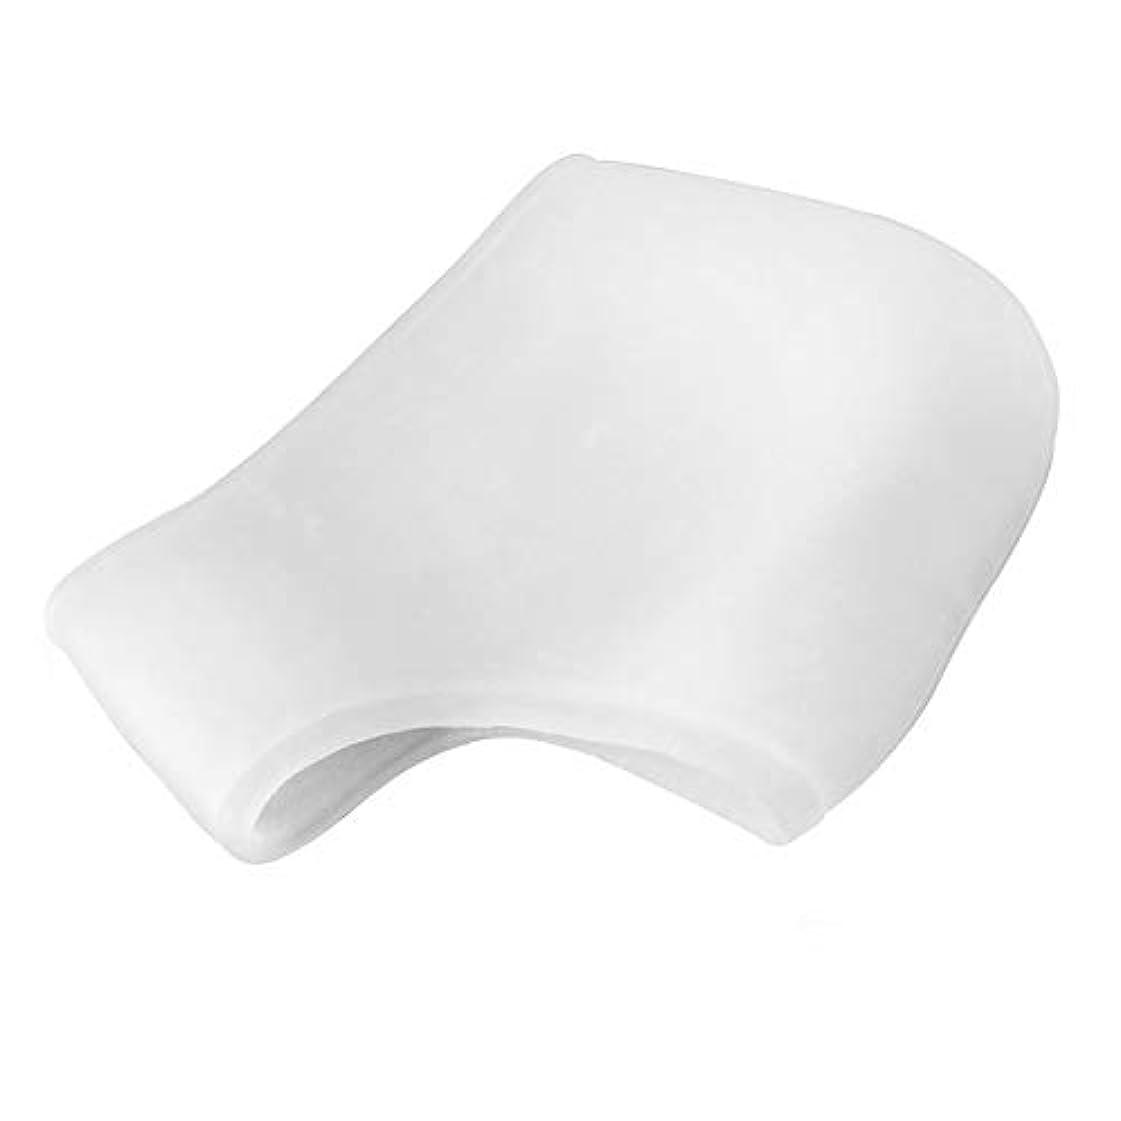 誤解させる冷凍庫病気のシリコーンモイスチャライジングジェルヒールひびの入ったフットスキンケアフットケアツールを守ります